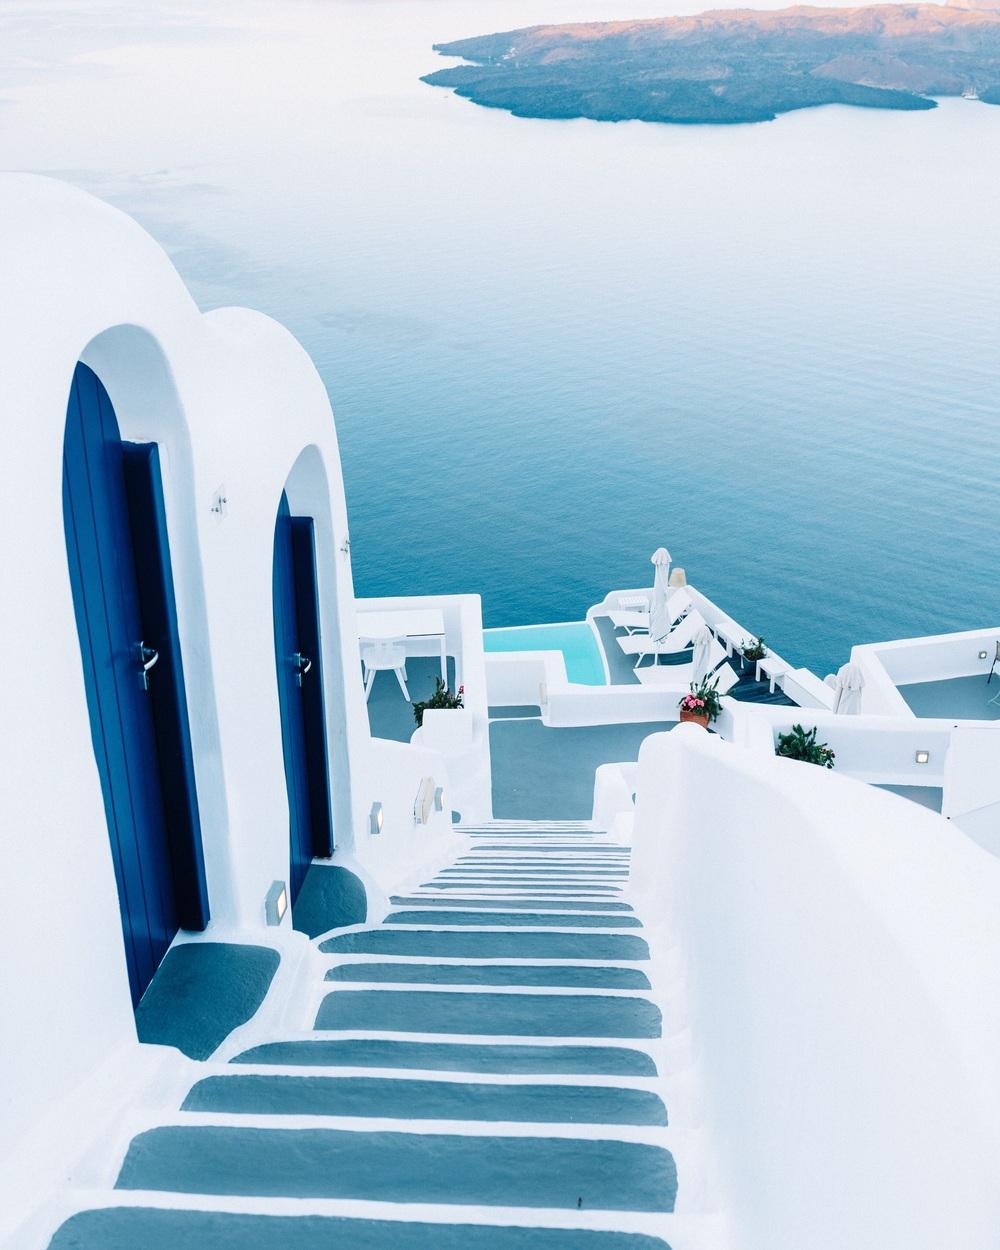 Stairway to Chromata Hotel